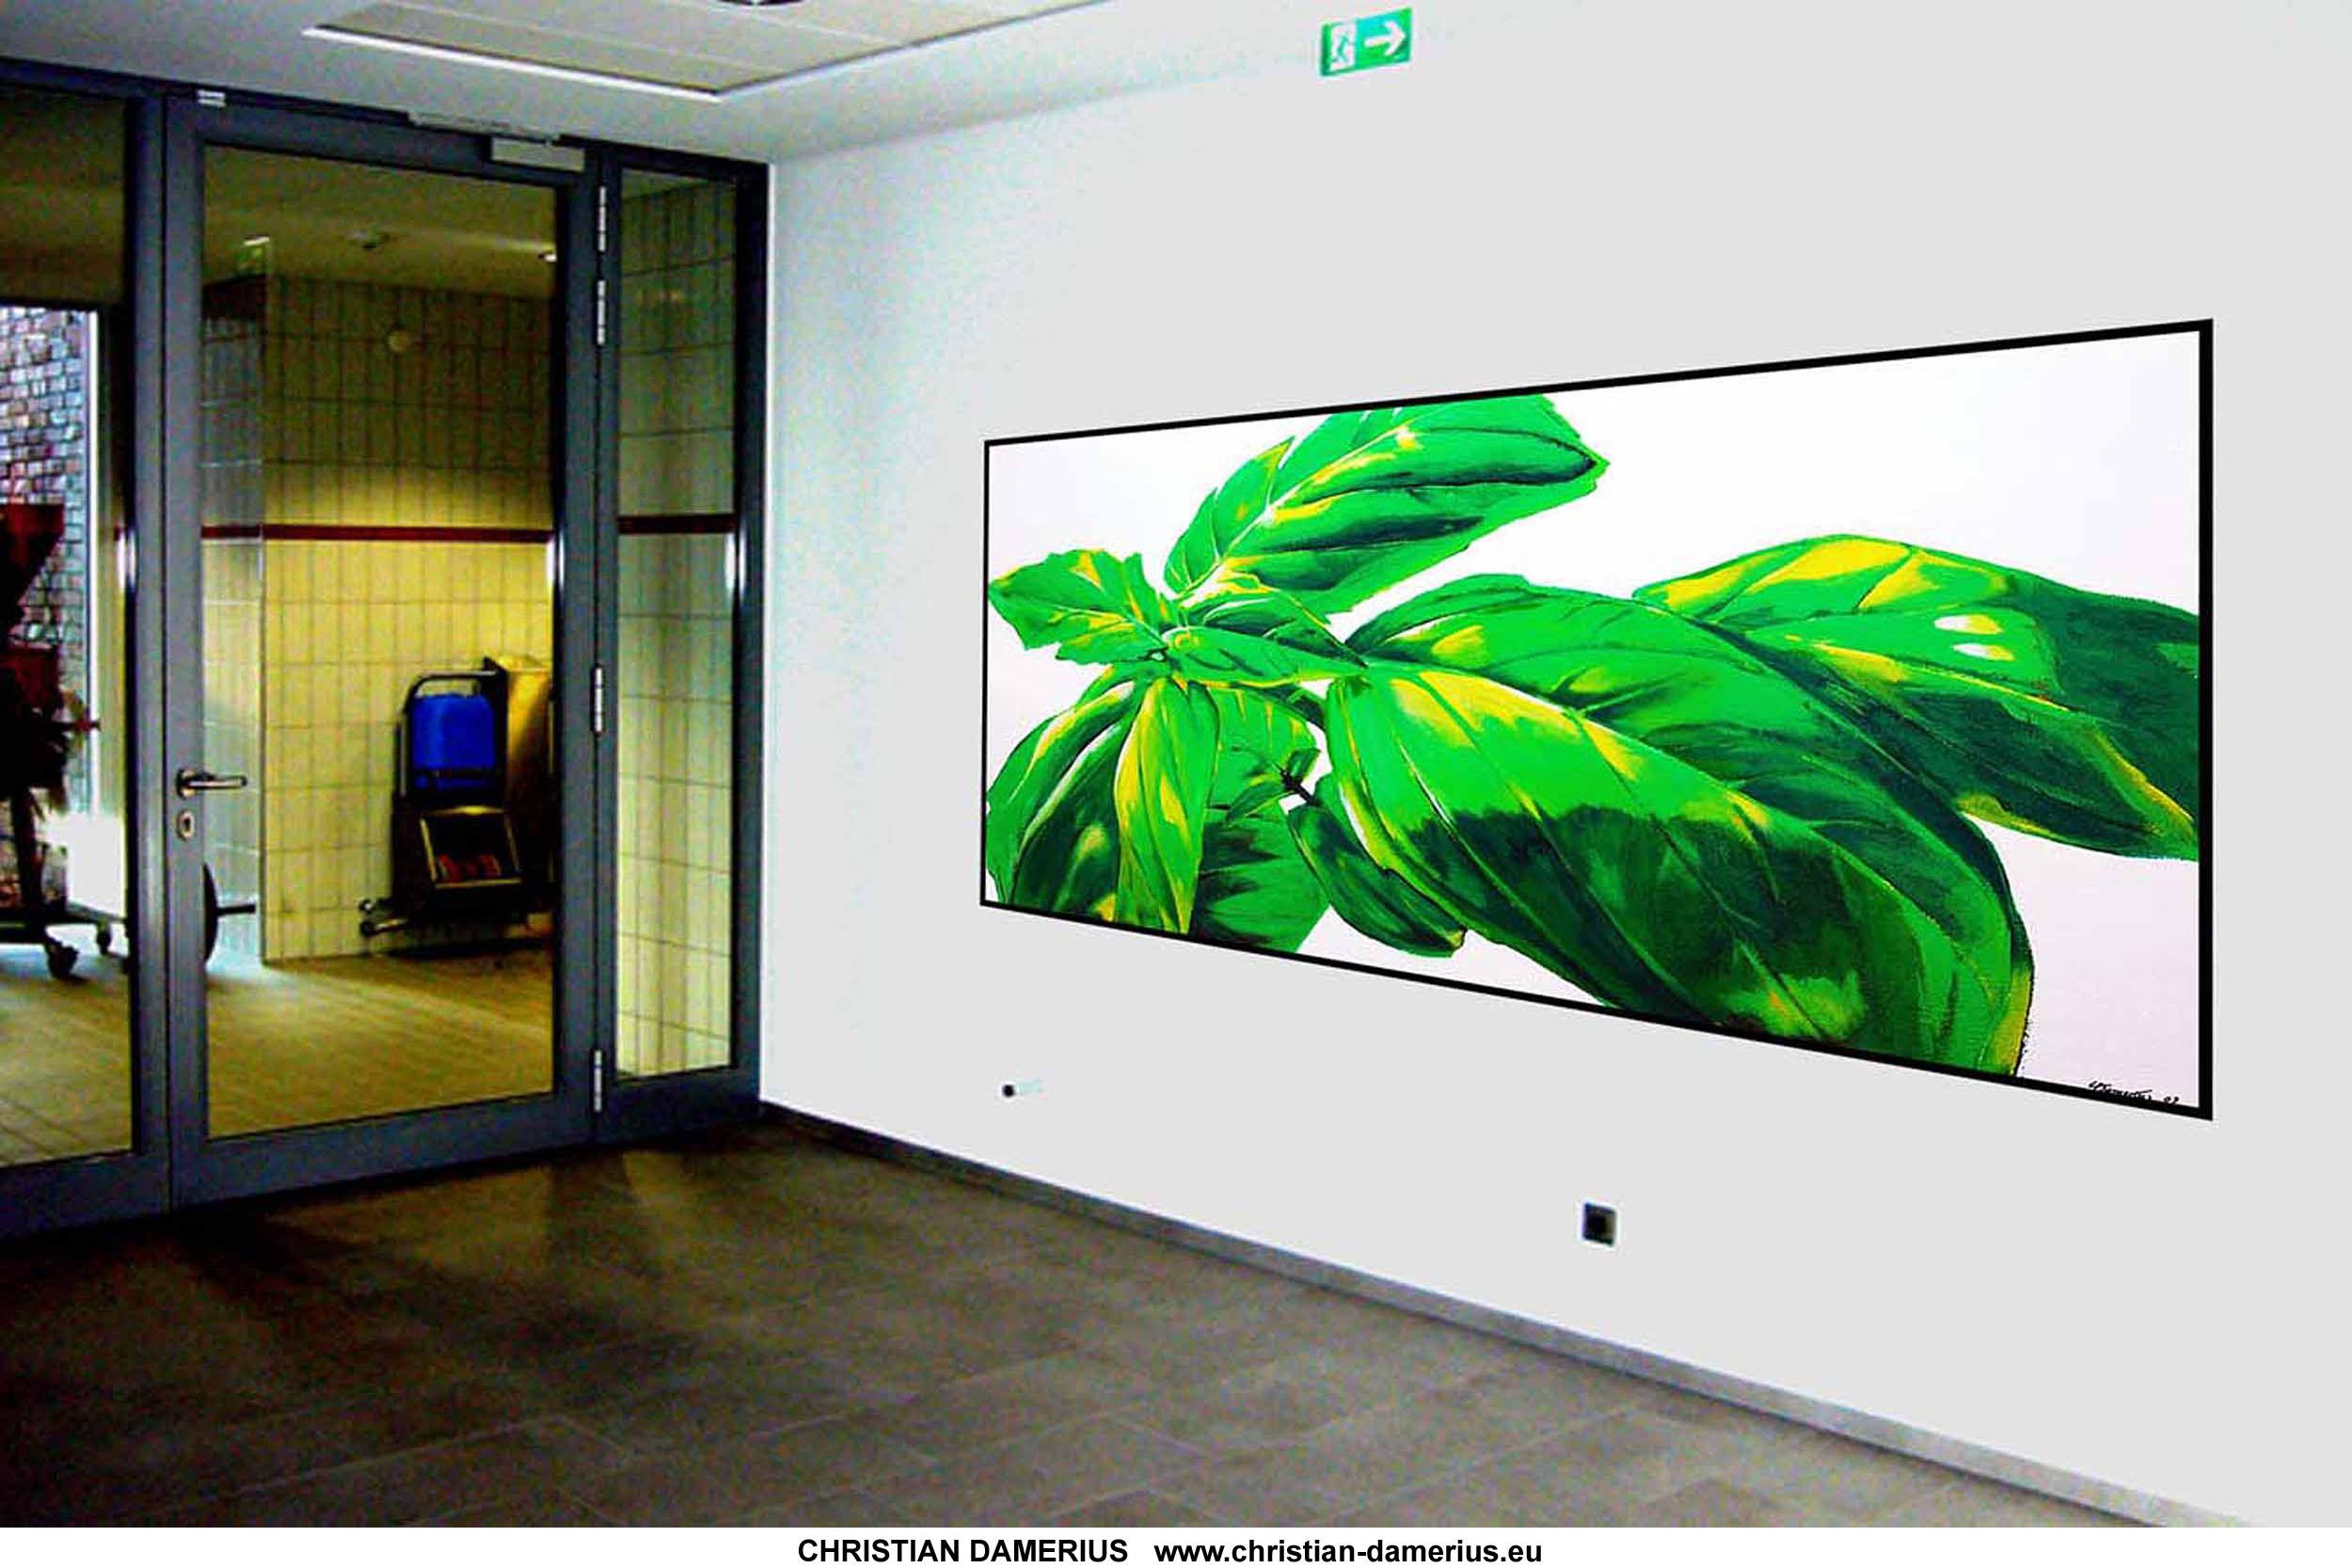 moderne raumgestaltung wandgestaltung kunst f r b ror ume privatr ume malerei kunst galerien. Black Bedroom Furniture Sets. Home Design Ideas